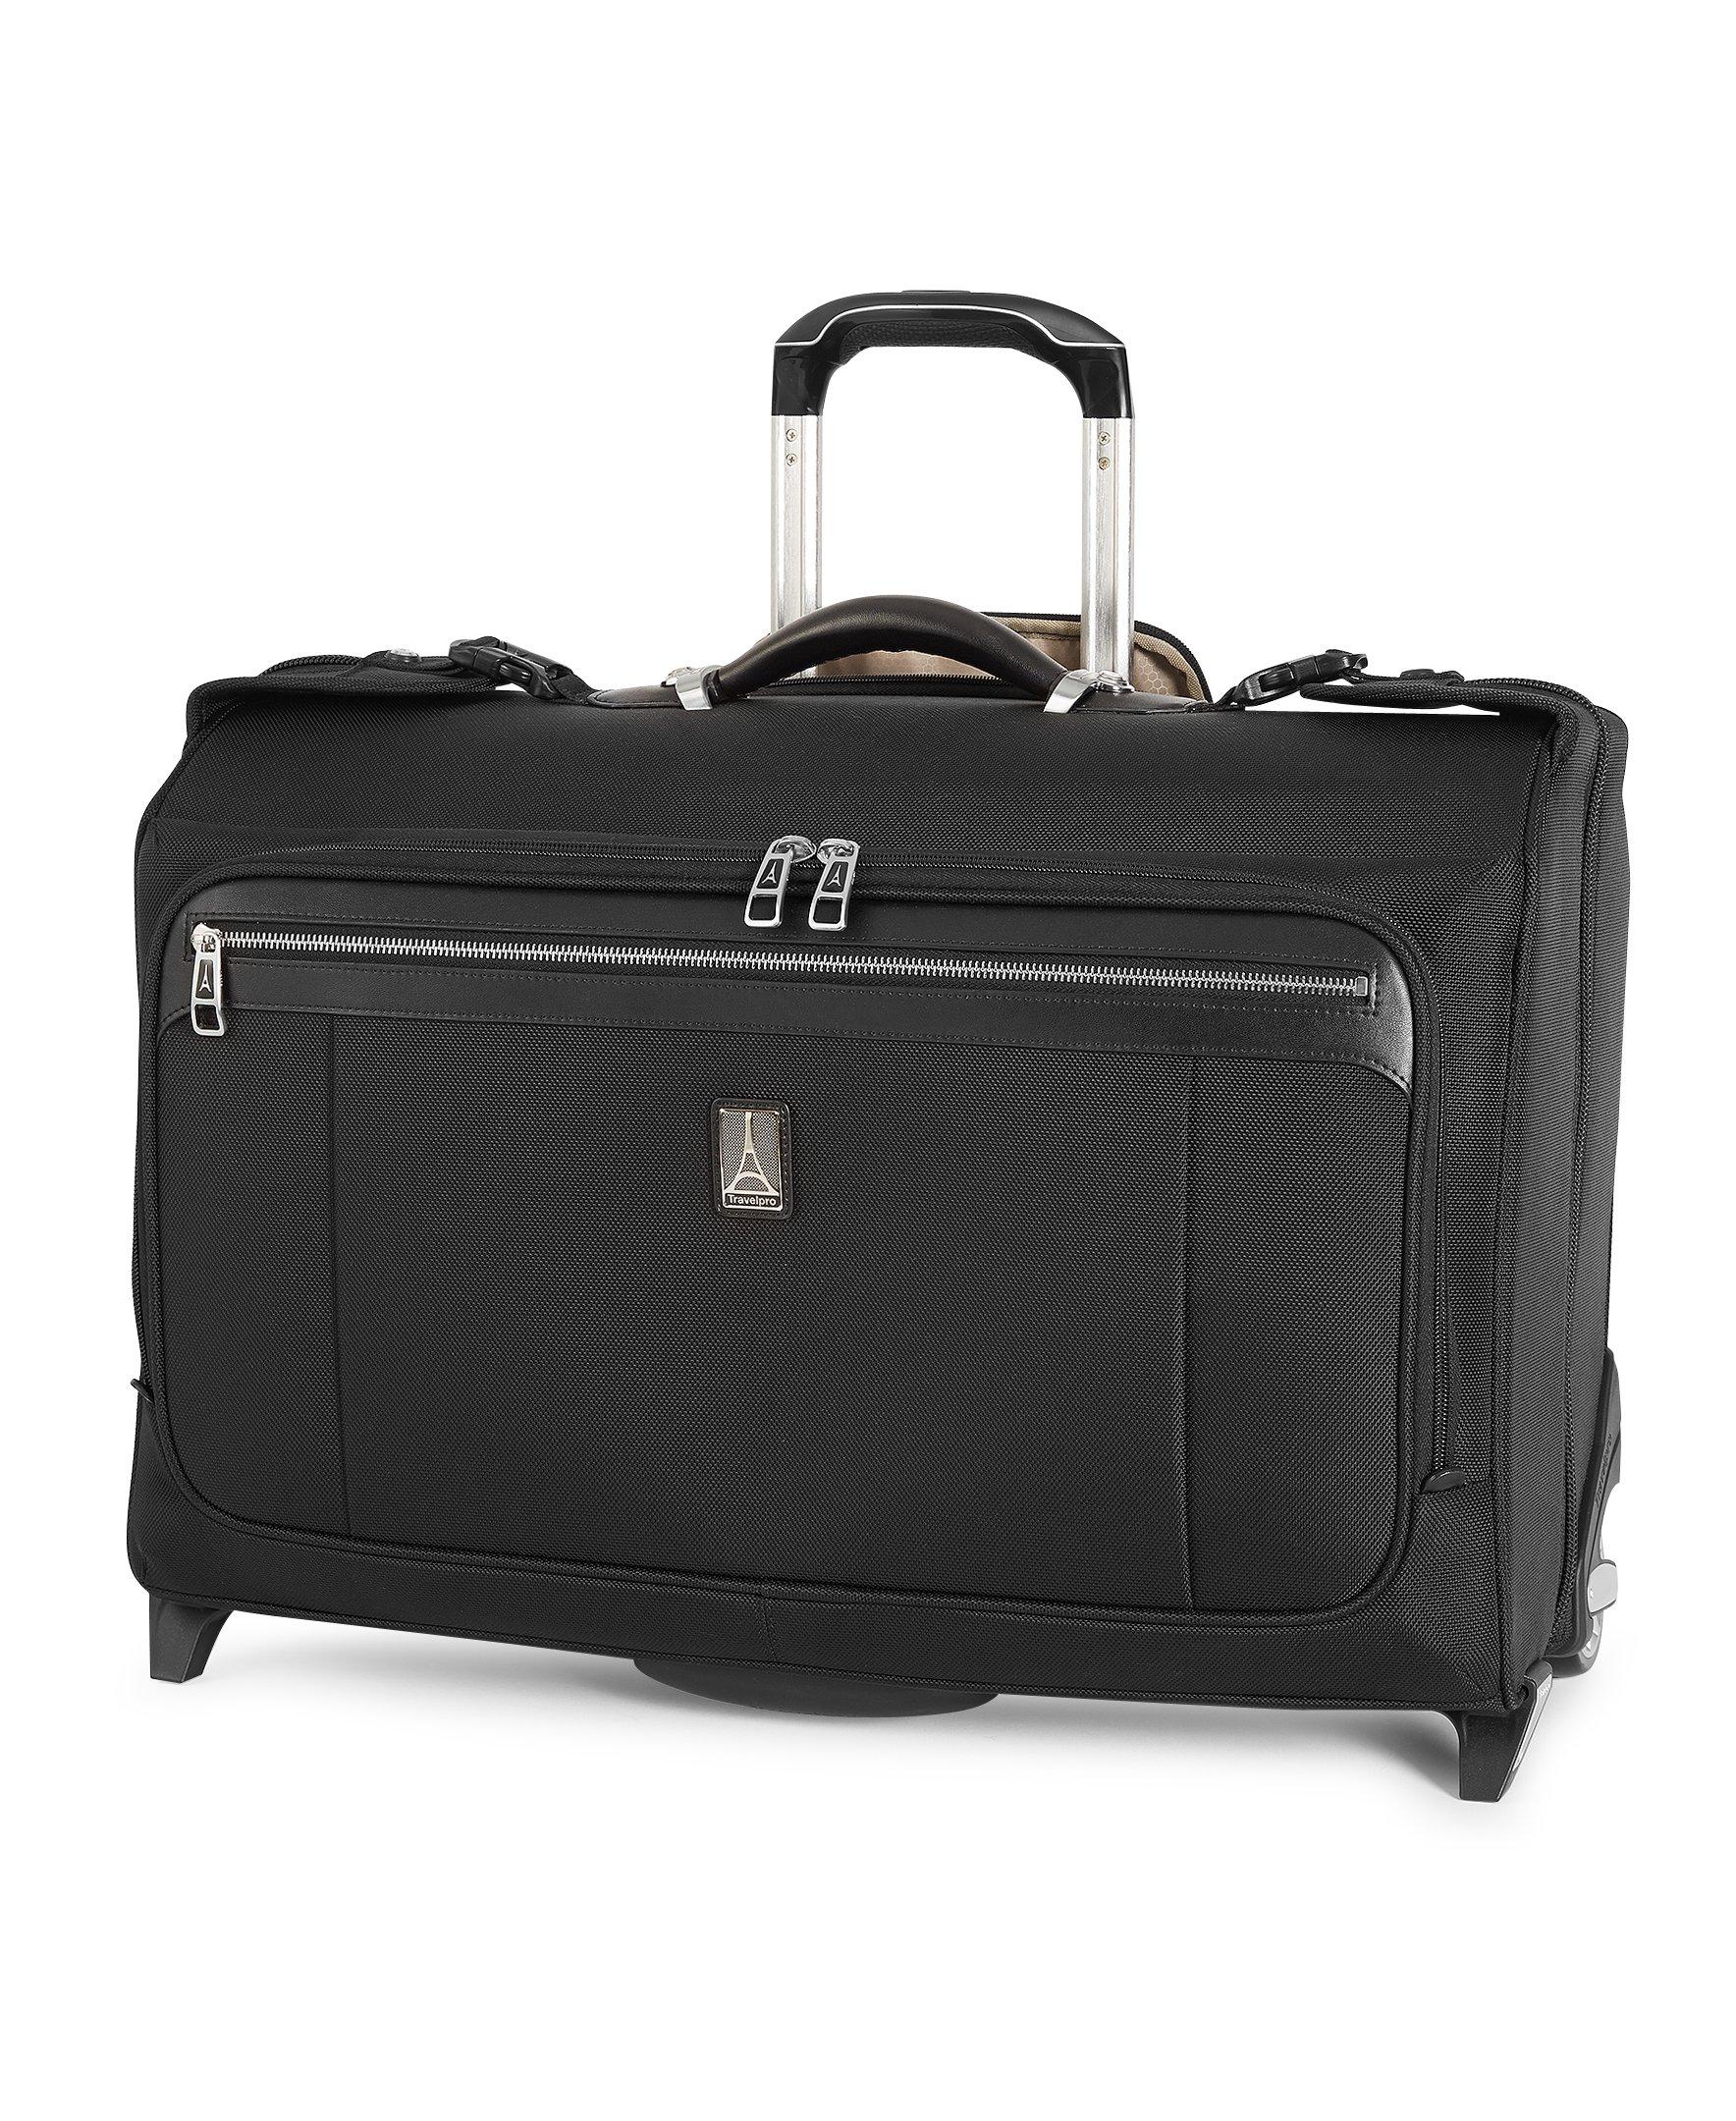 Travelpro Platinum Magna 2 Carry-on Rolling Garment bag, Black